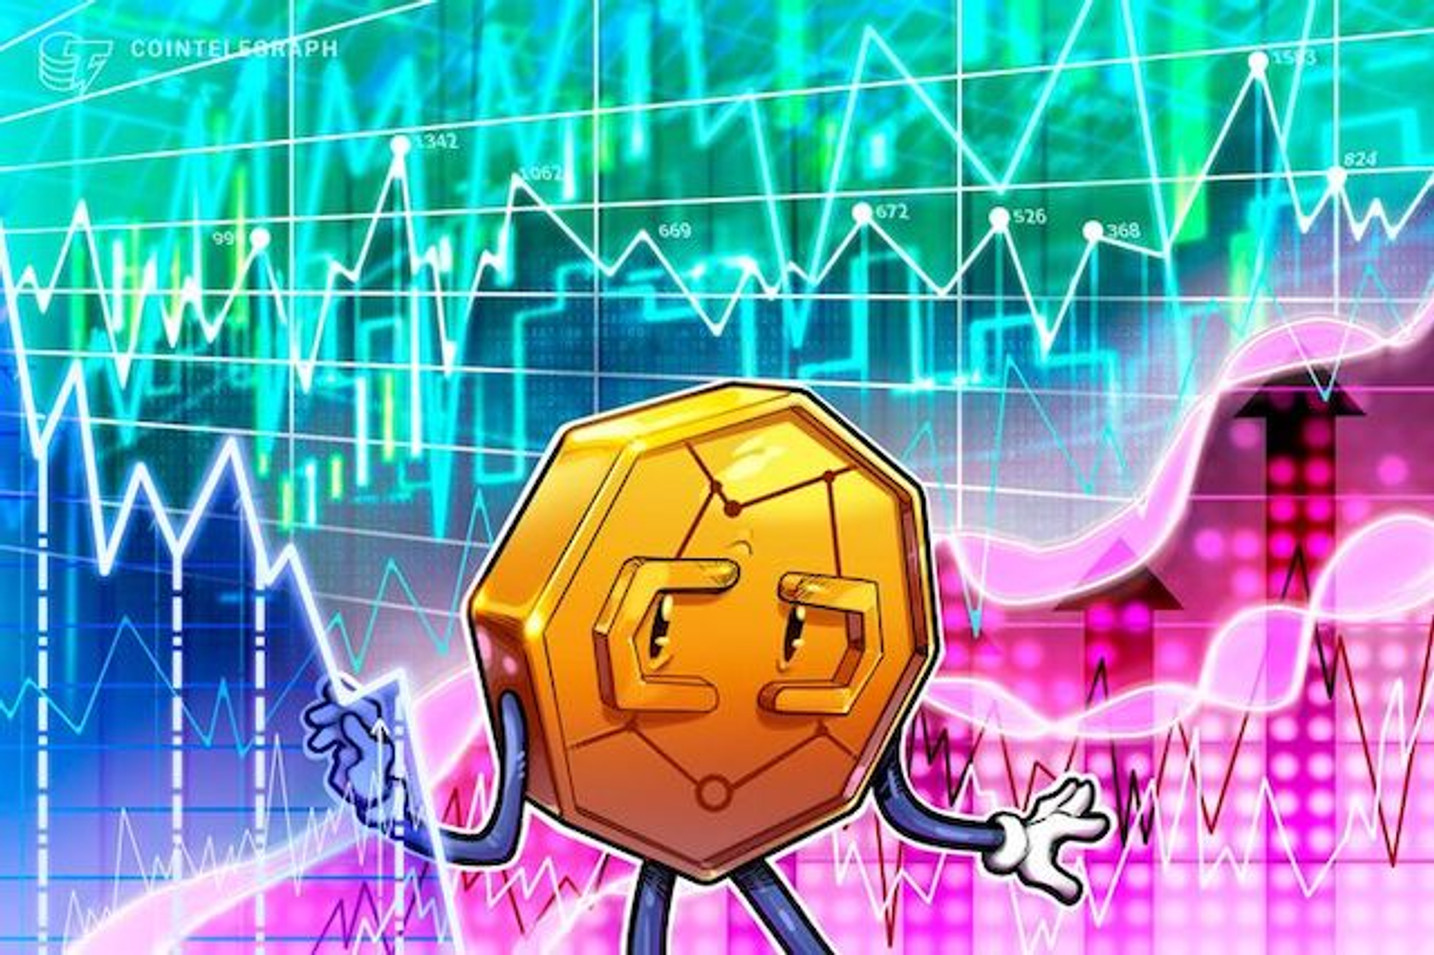 コインベース上場のステラ(XLM)が引き続き上昇もBTC相場はボラが低い|仮想通貨相場市況(3月14日)